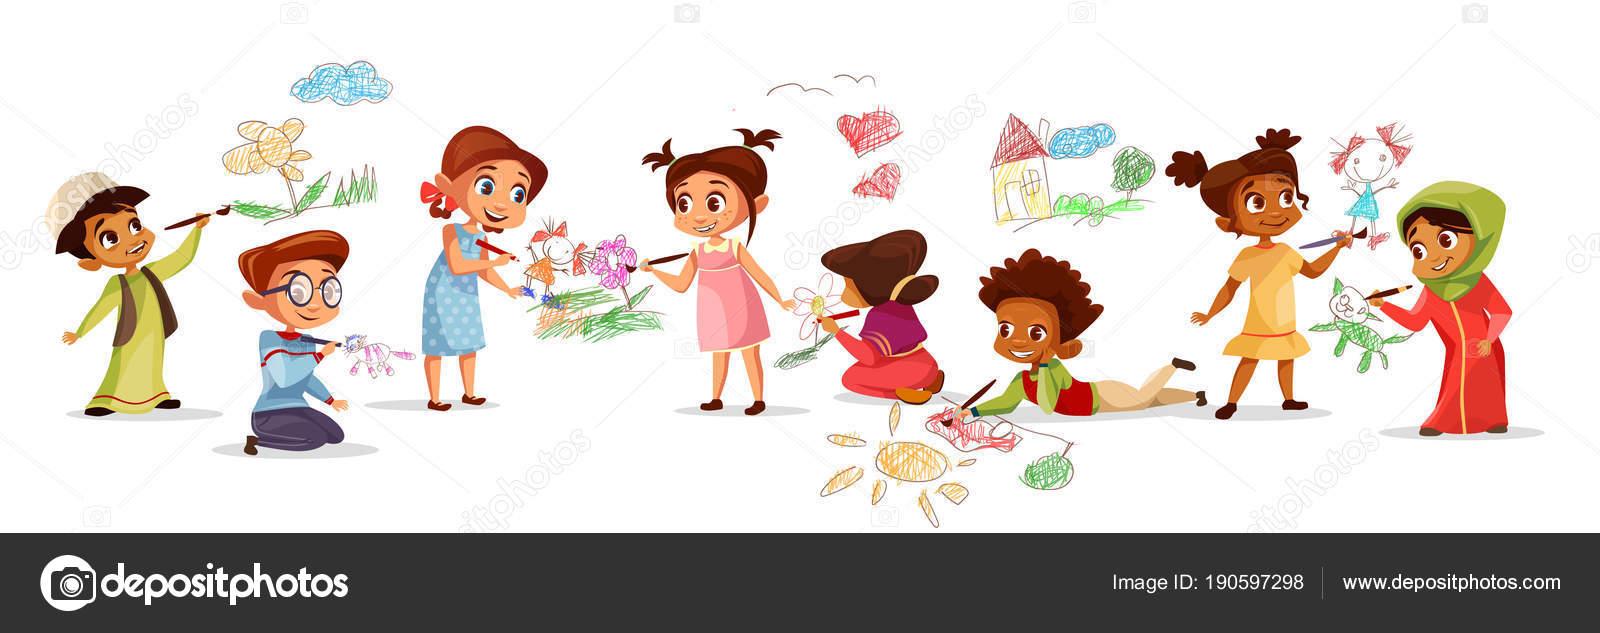 Dibujos De NiÑos Por Nacionalidades: Dibujos: Niños Y Niñas A Color